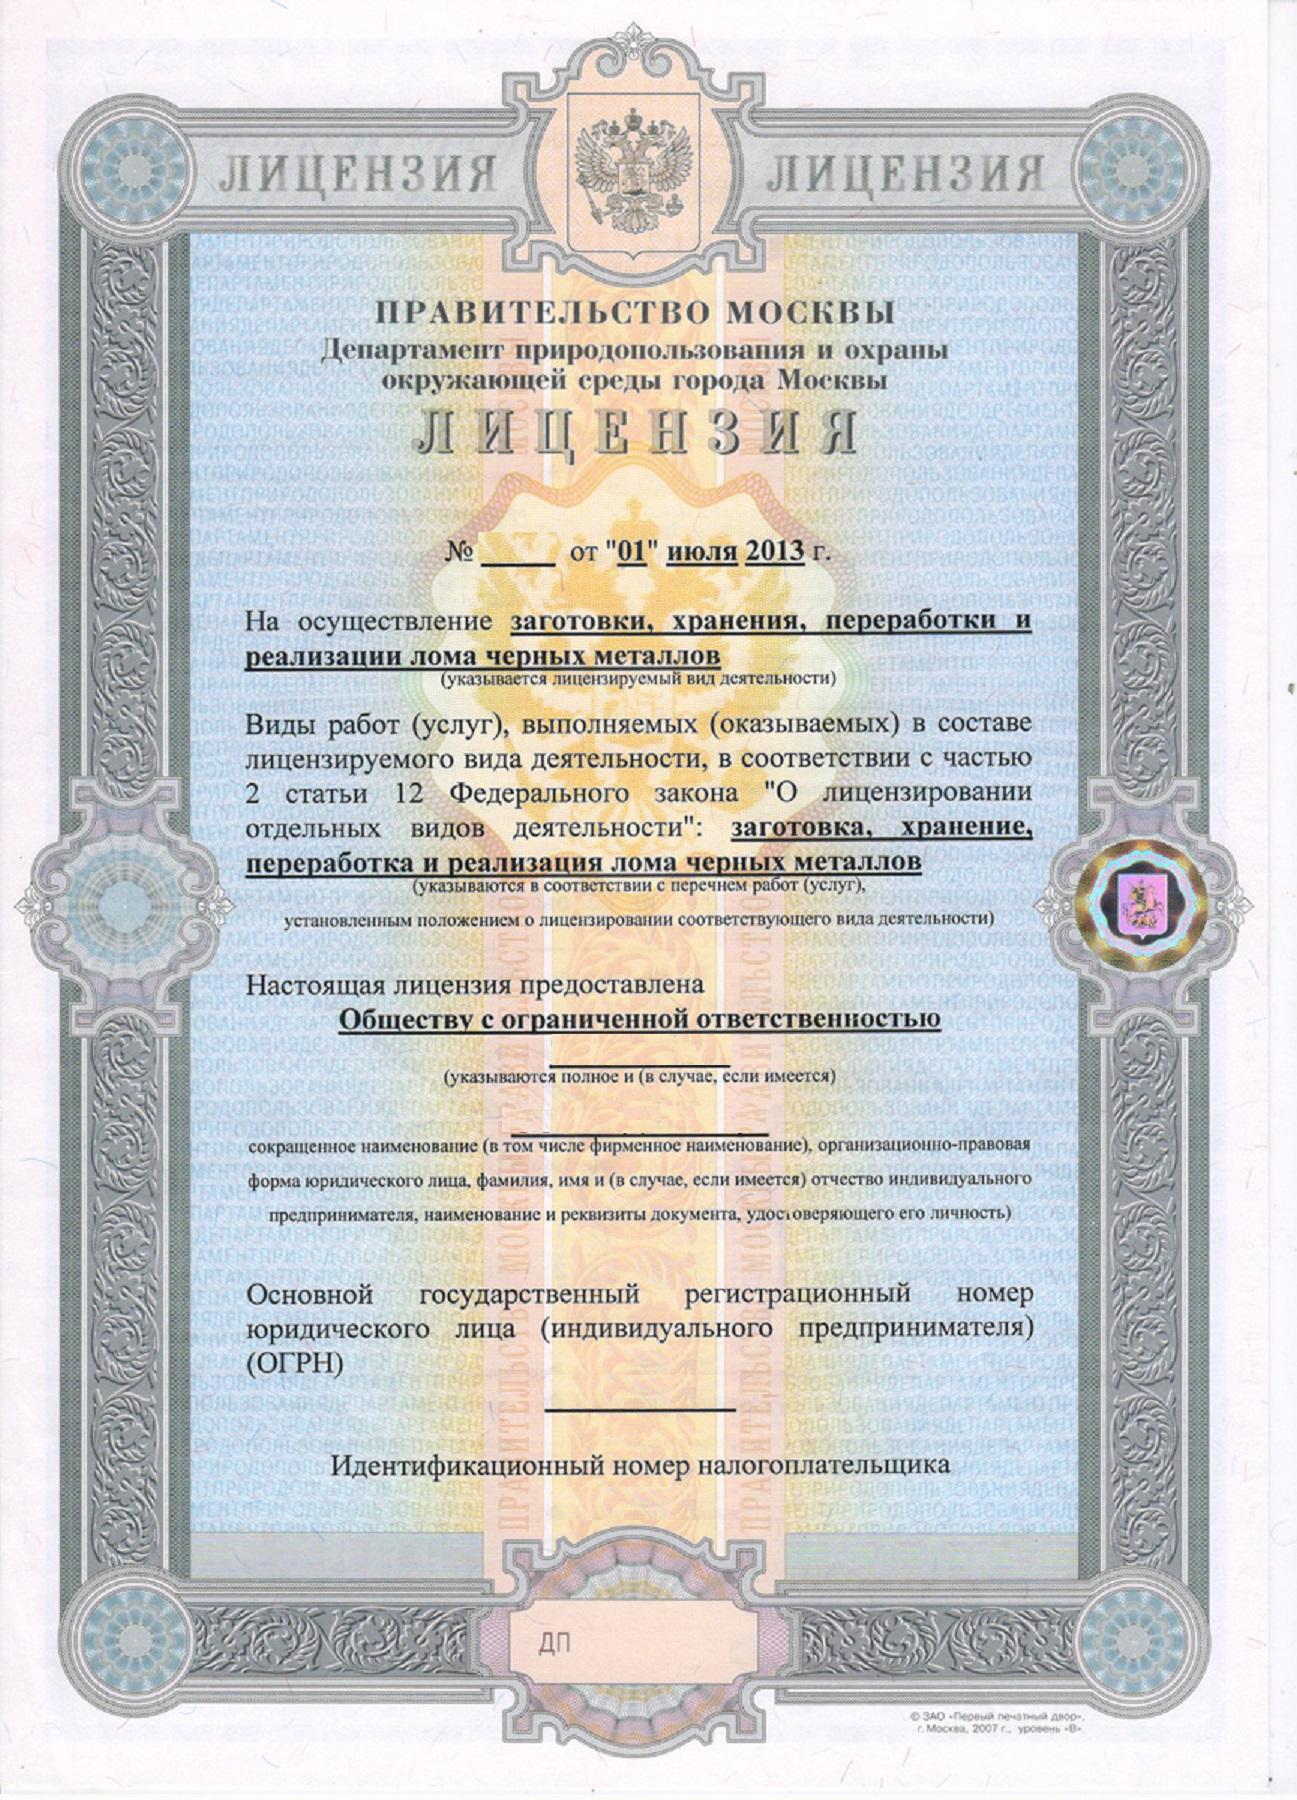 кредит Мособлбанк сколько стоит лицензия на прием металлолома в россии это